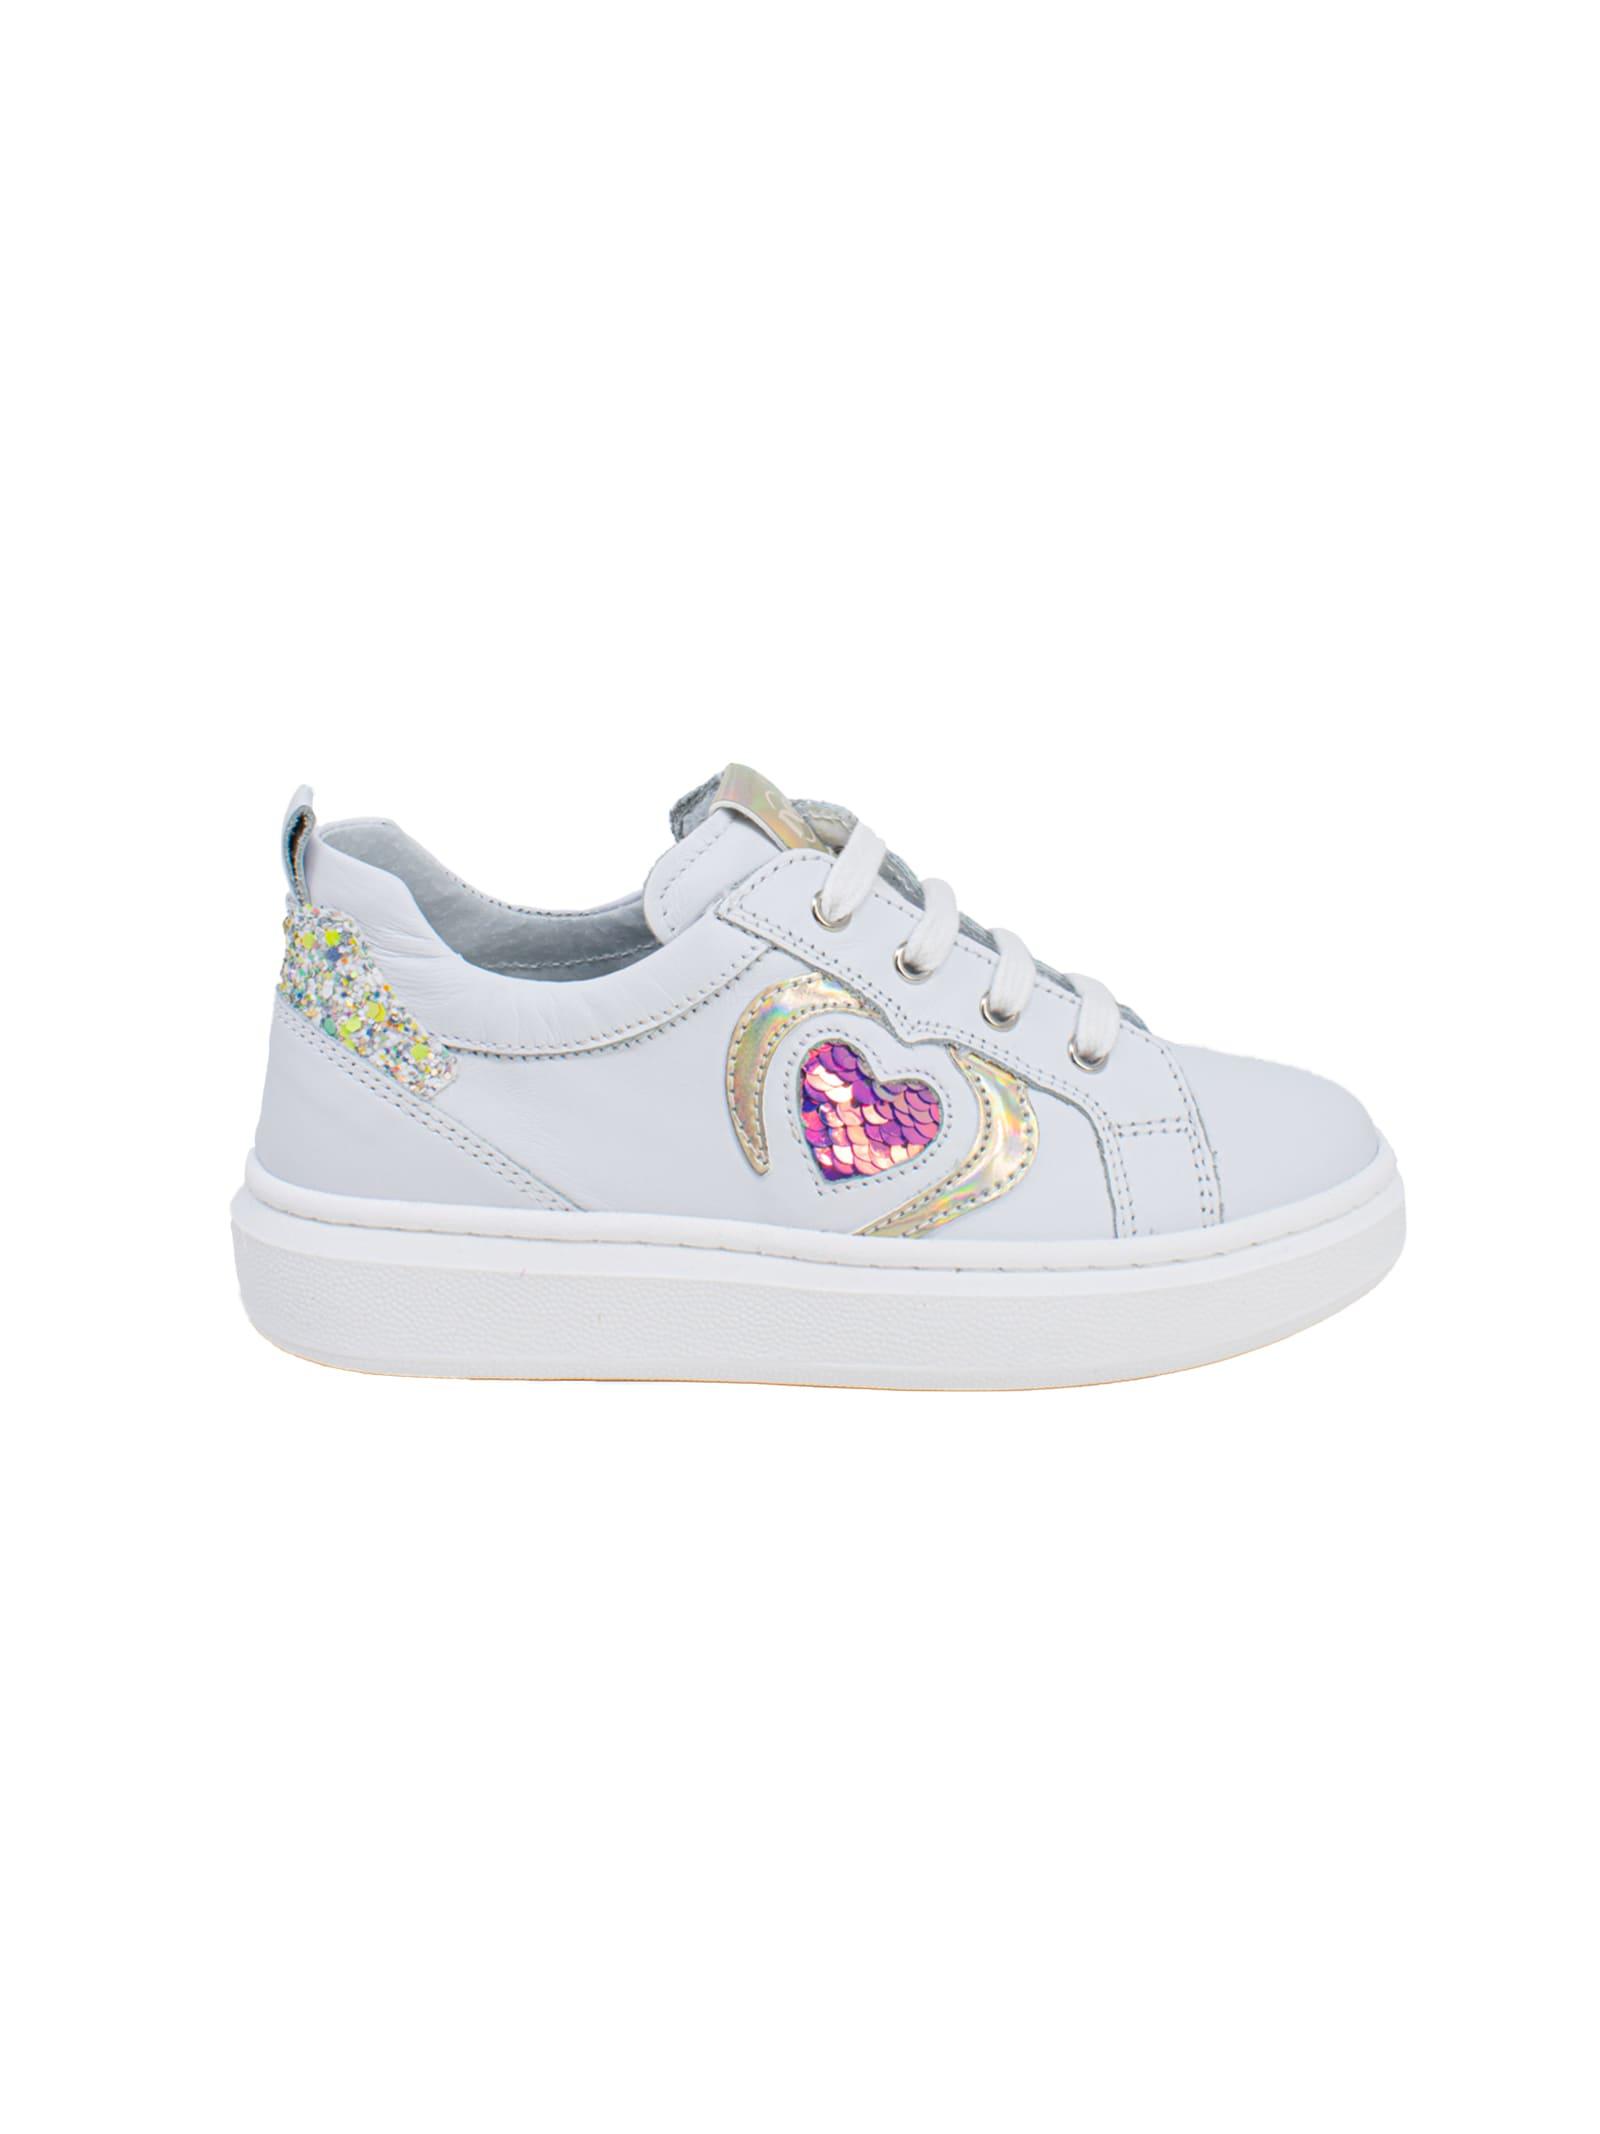 Sneakers Bambina Heart Paillettes NERO GIARDINI JUNIOR | Sneakers | E121680F707